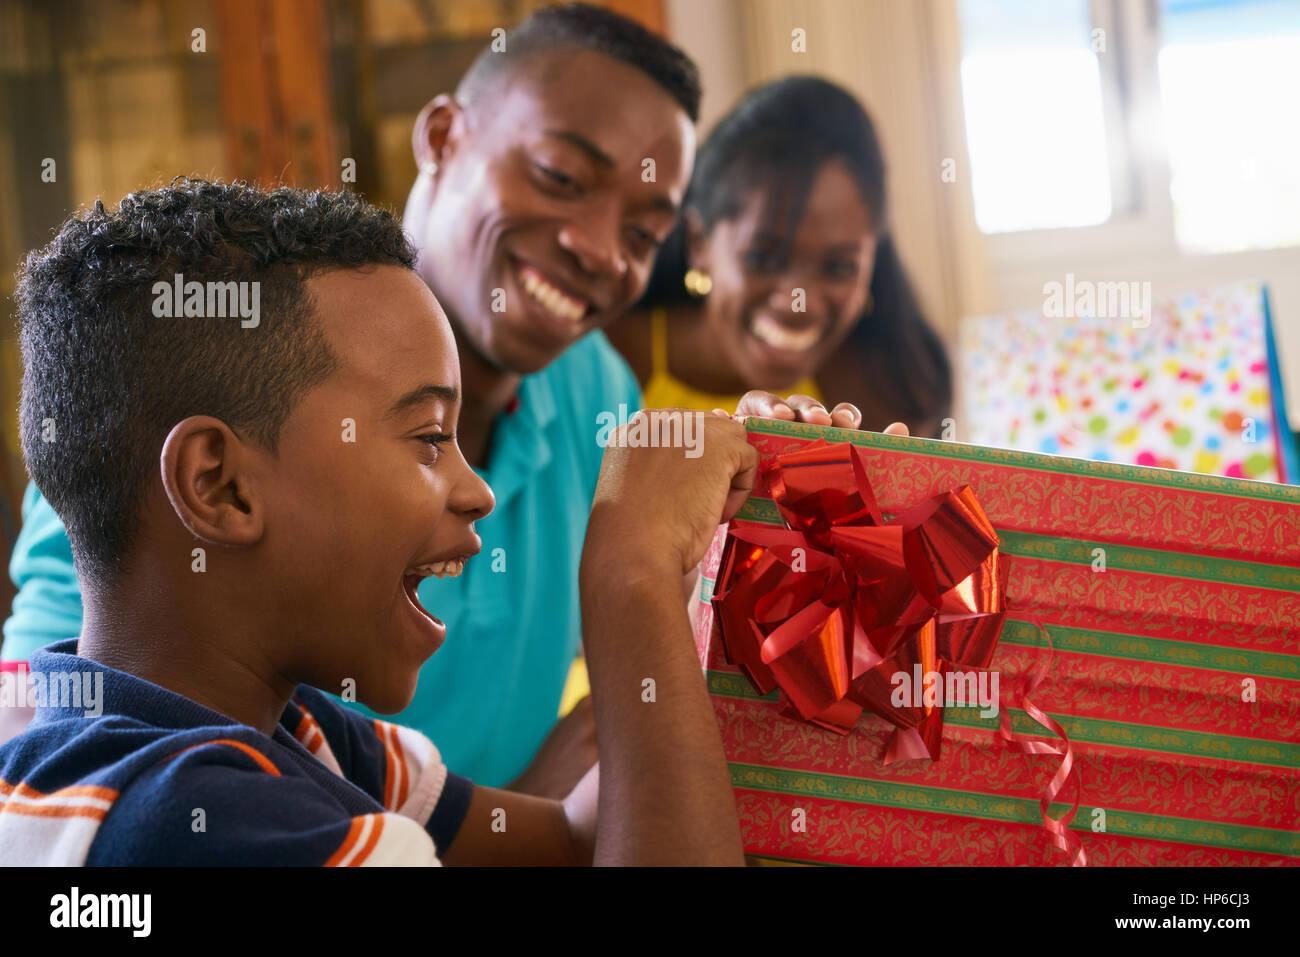 Glückliche schwarze Familie zu Hause. African american Vater, Mutter und Kind feiert Geburtstag, Spaß Stockbild